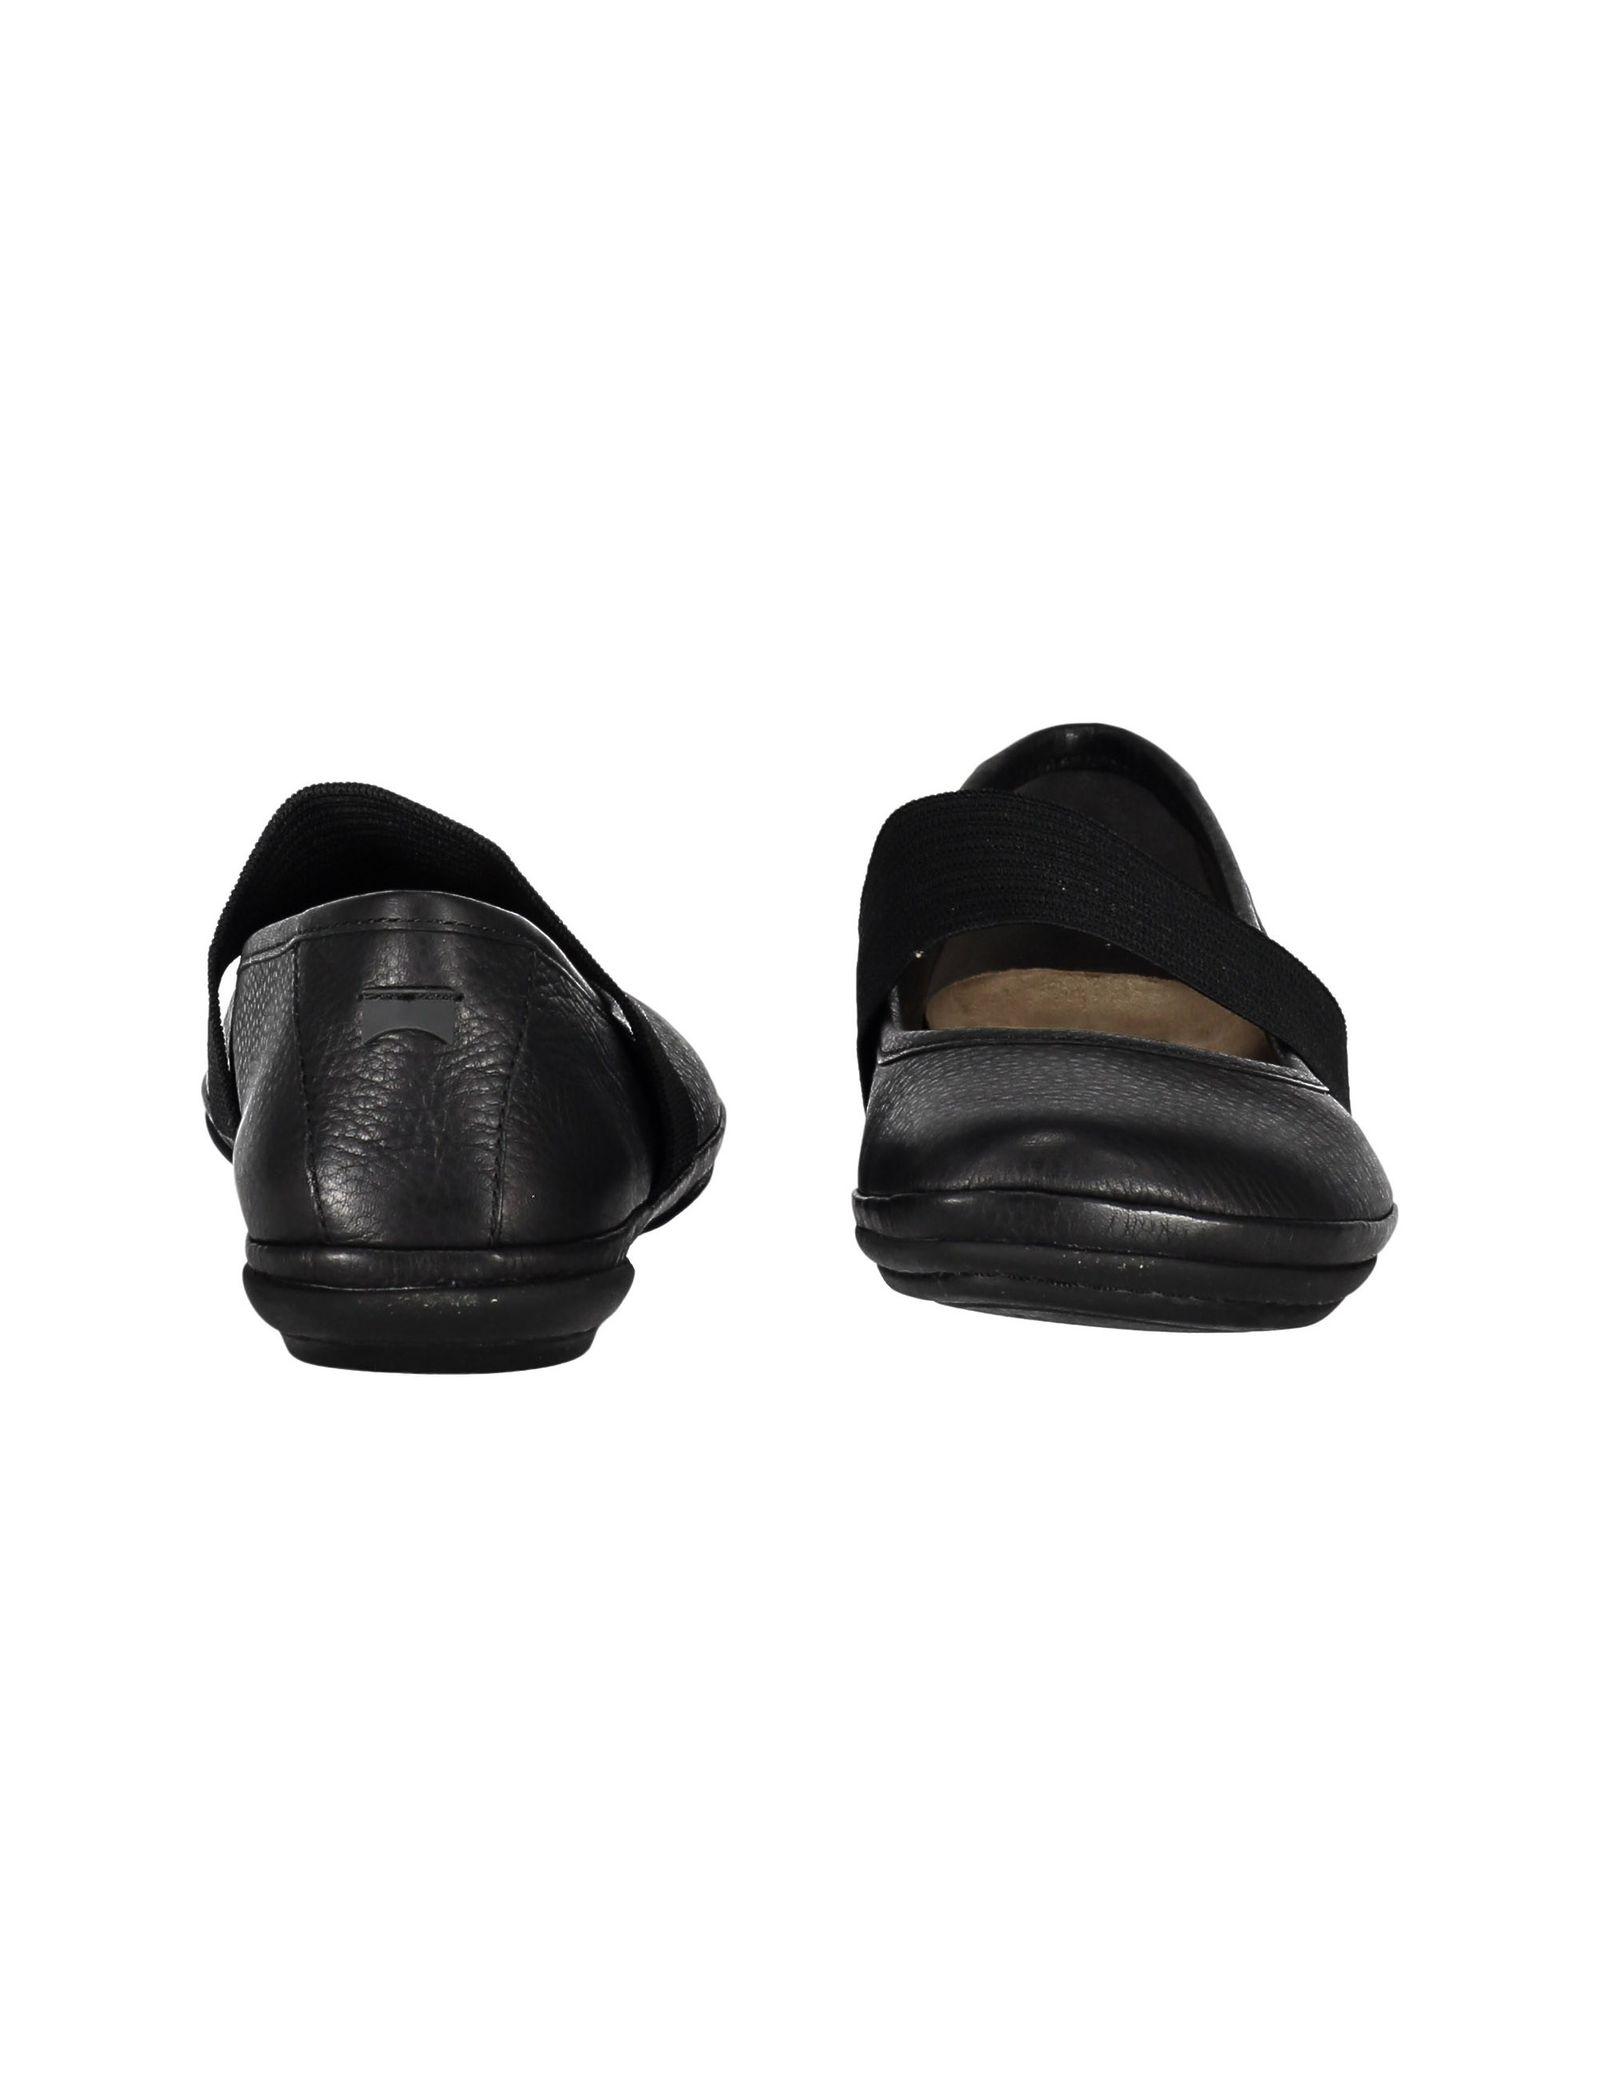 کفش تخت چرم زنانه - کمپر - مشکي - 5